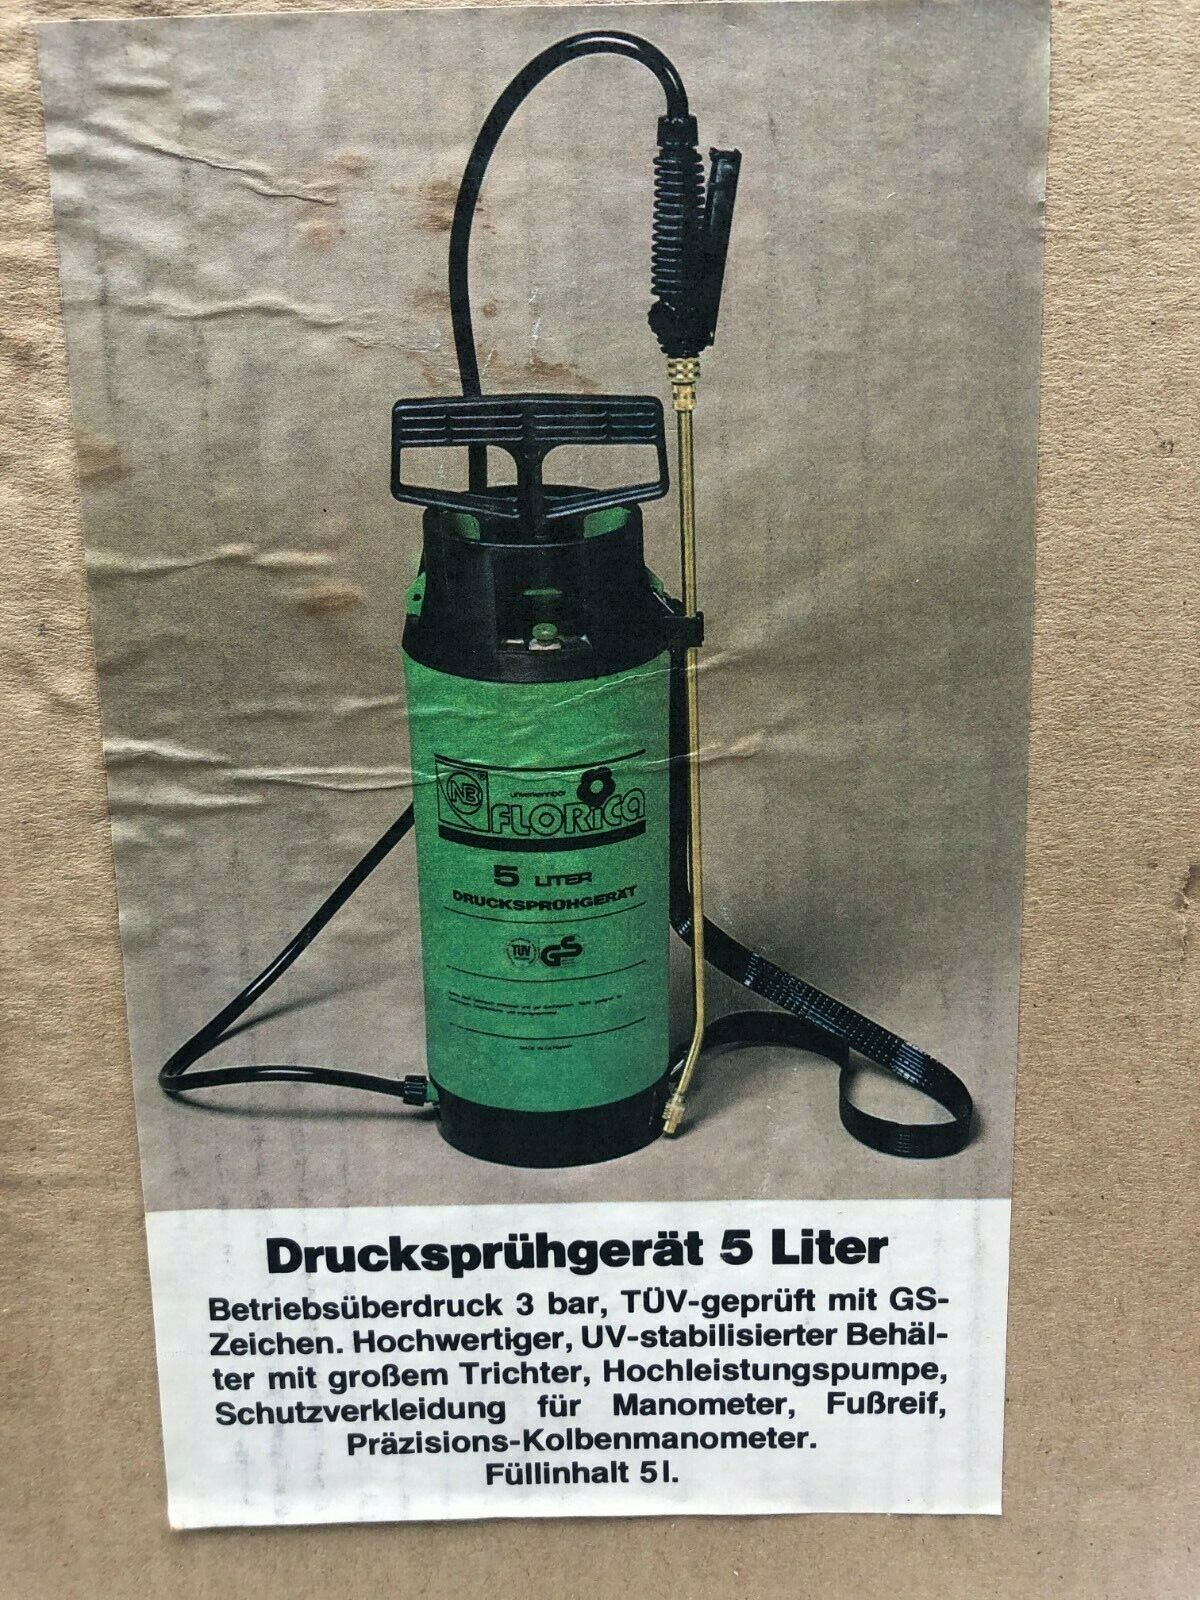 Drucksprühgerät Florica 5 Liter, 3 bar